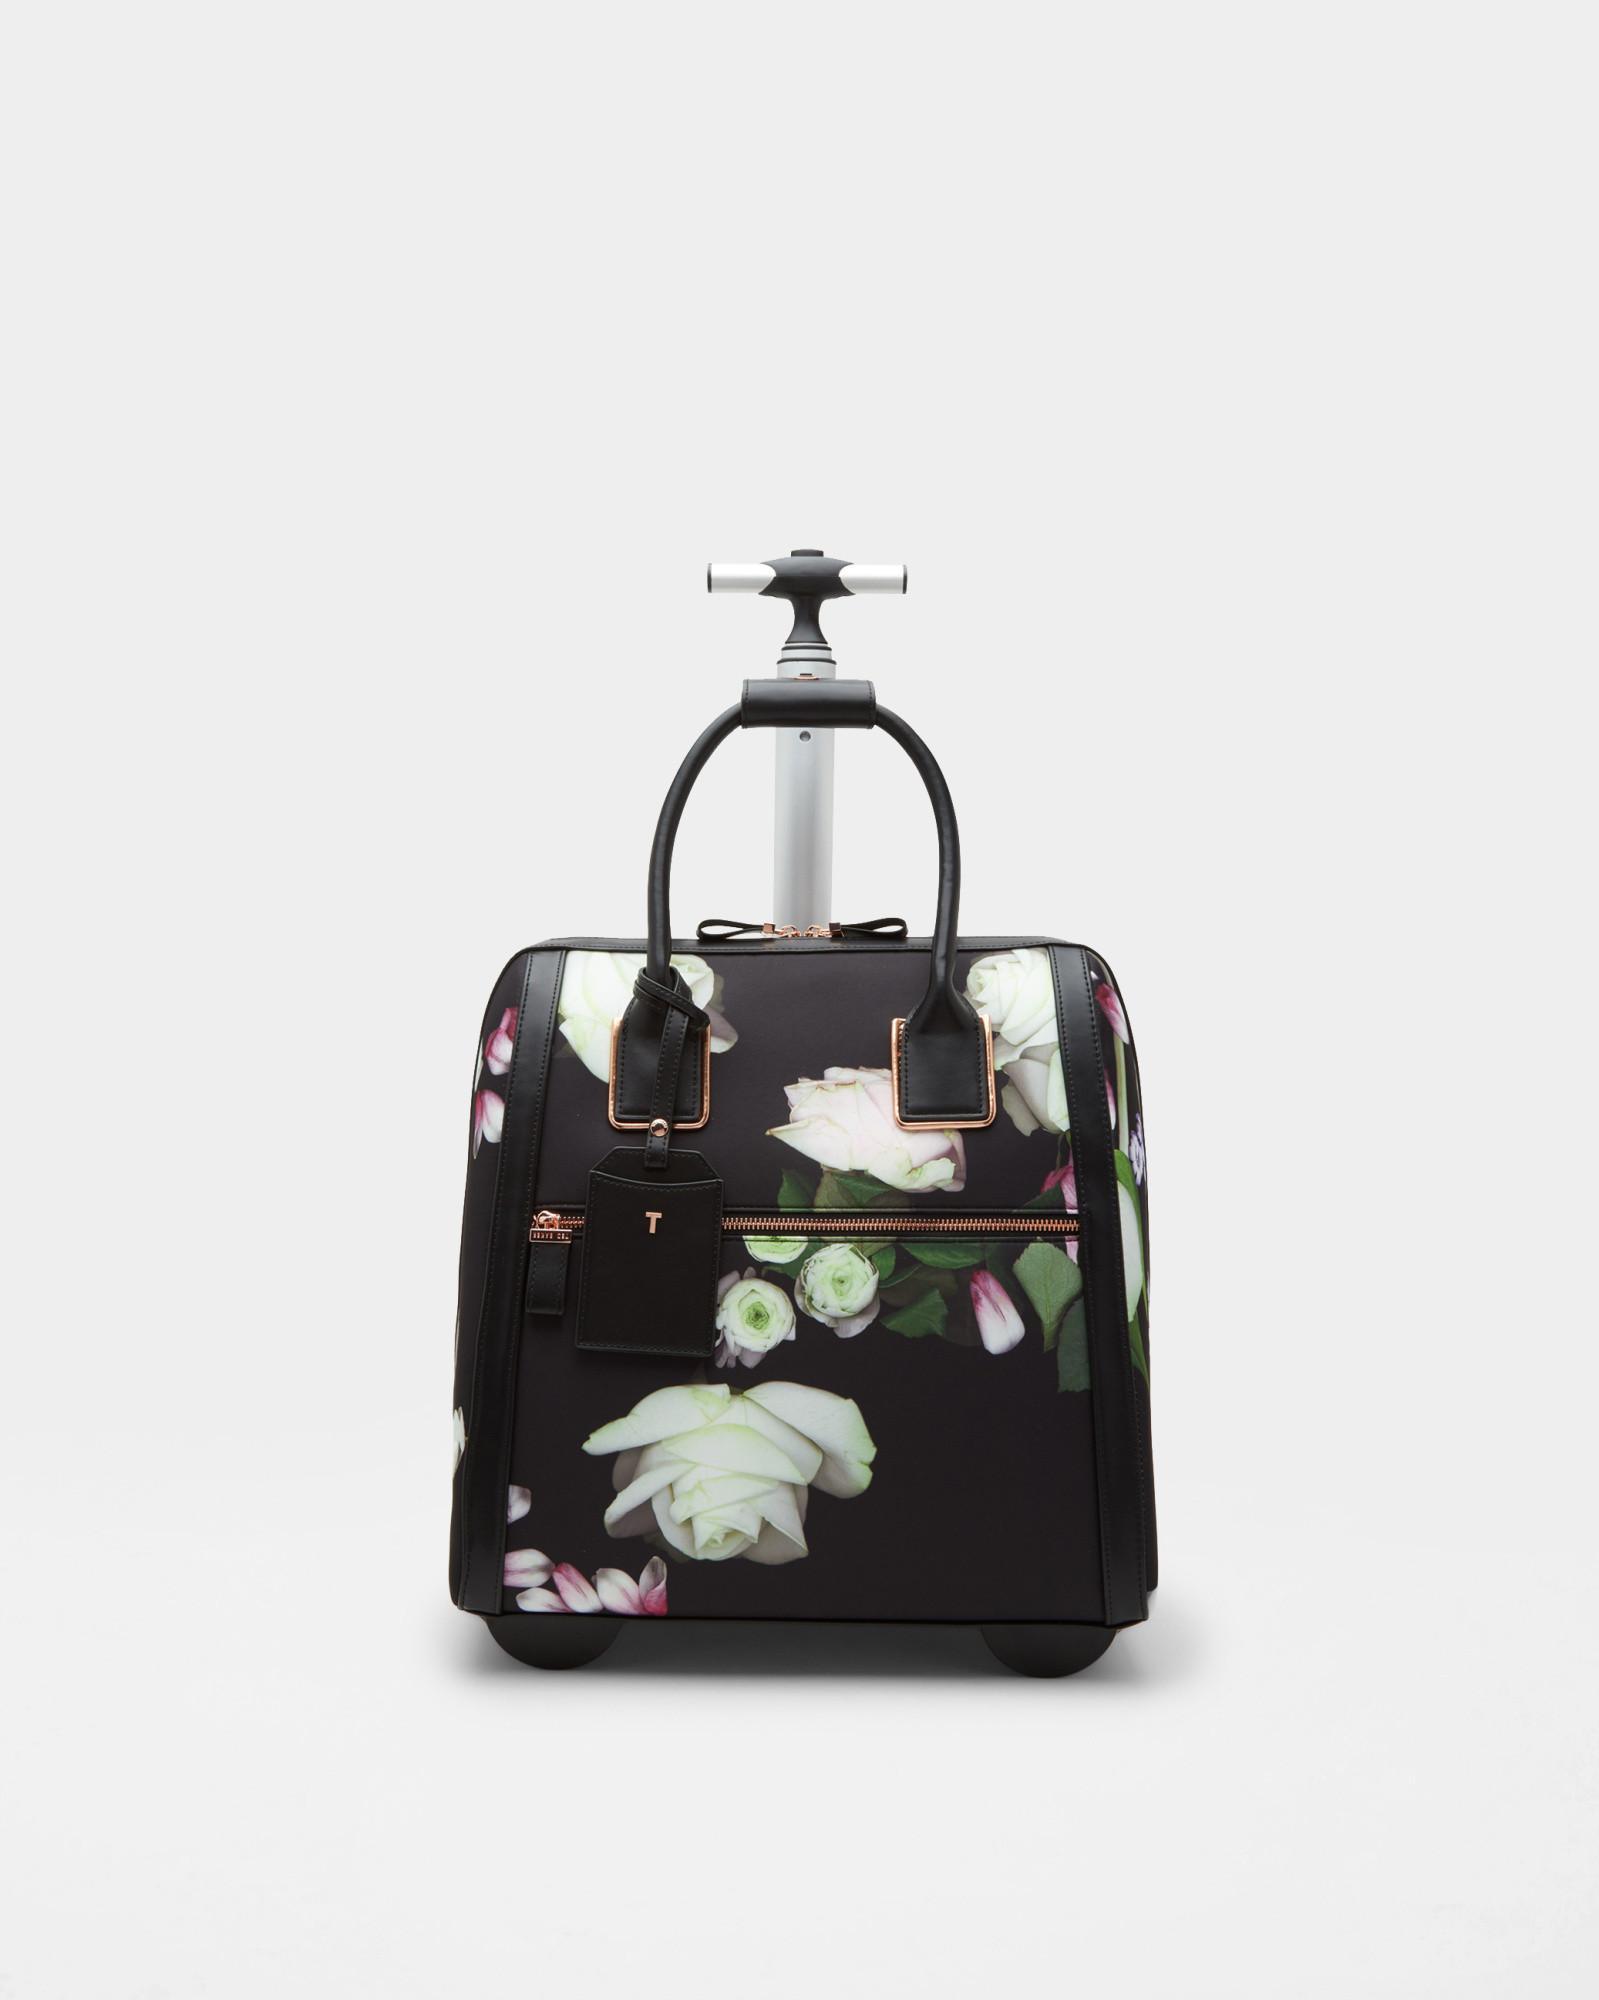 814420aec Lyst - Ted Baker Kensington Floral Travel Bag in Black